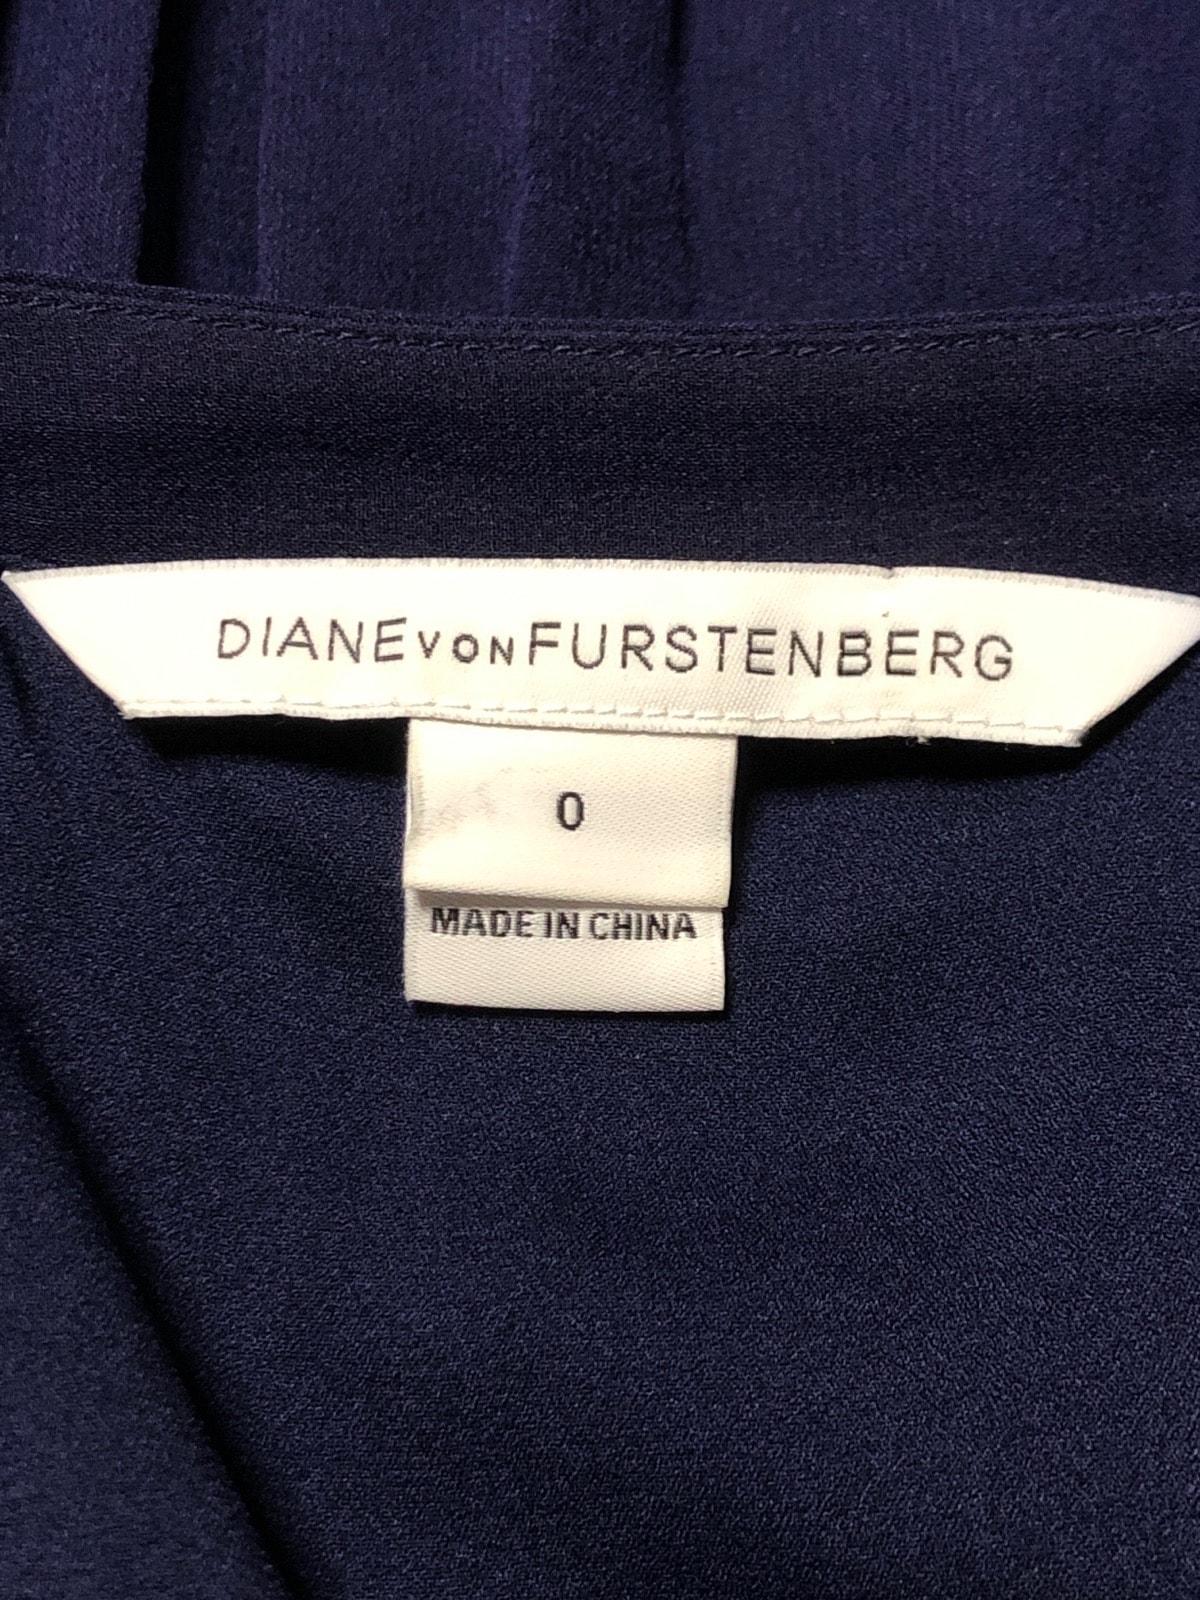 DIANE VON FURSTENBERG(DVF)(ダイアン・フォン・ファステンバーグ)のチュニック